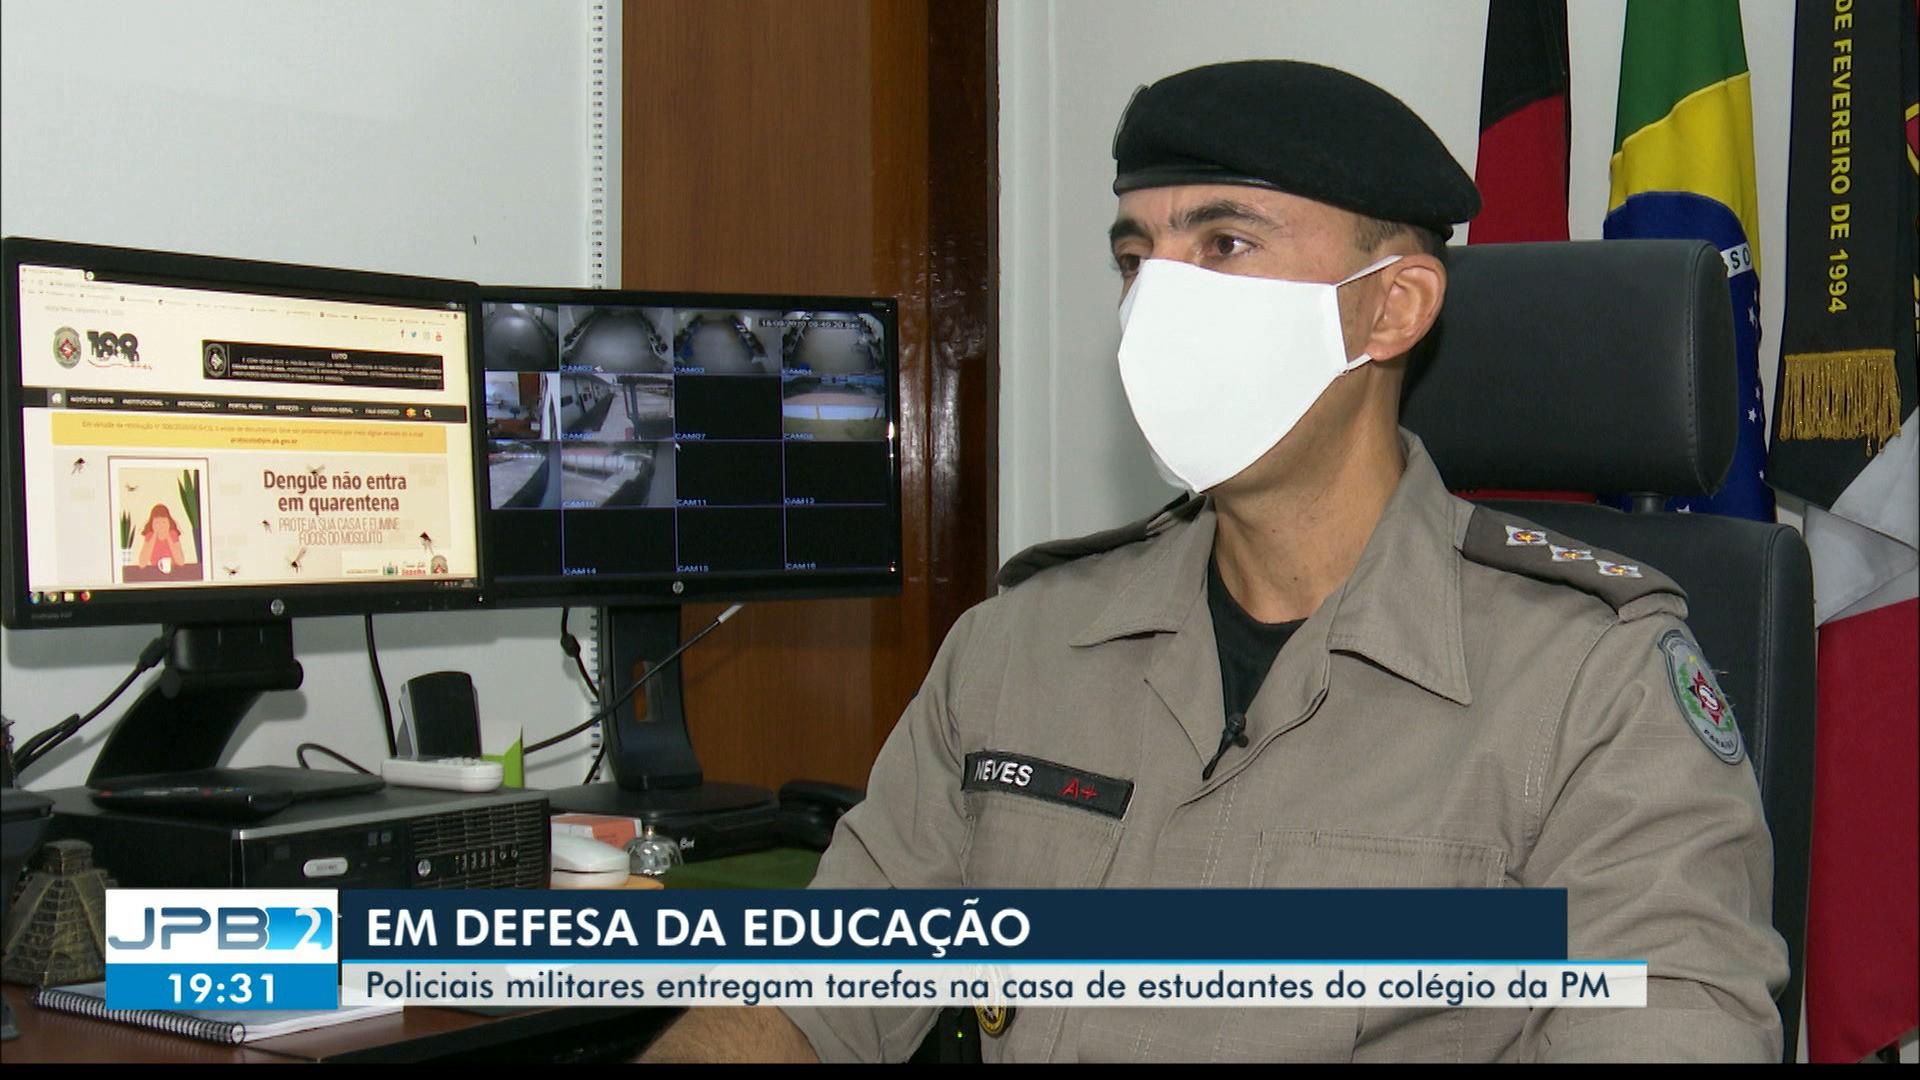 VÍDEOS: JPB2 (TV Cabo Branco) desta terça-feira, 29 de setembro